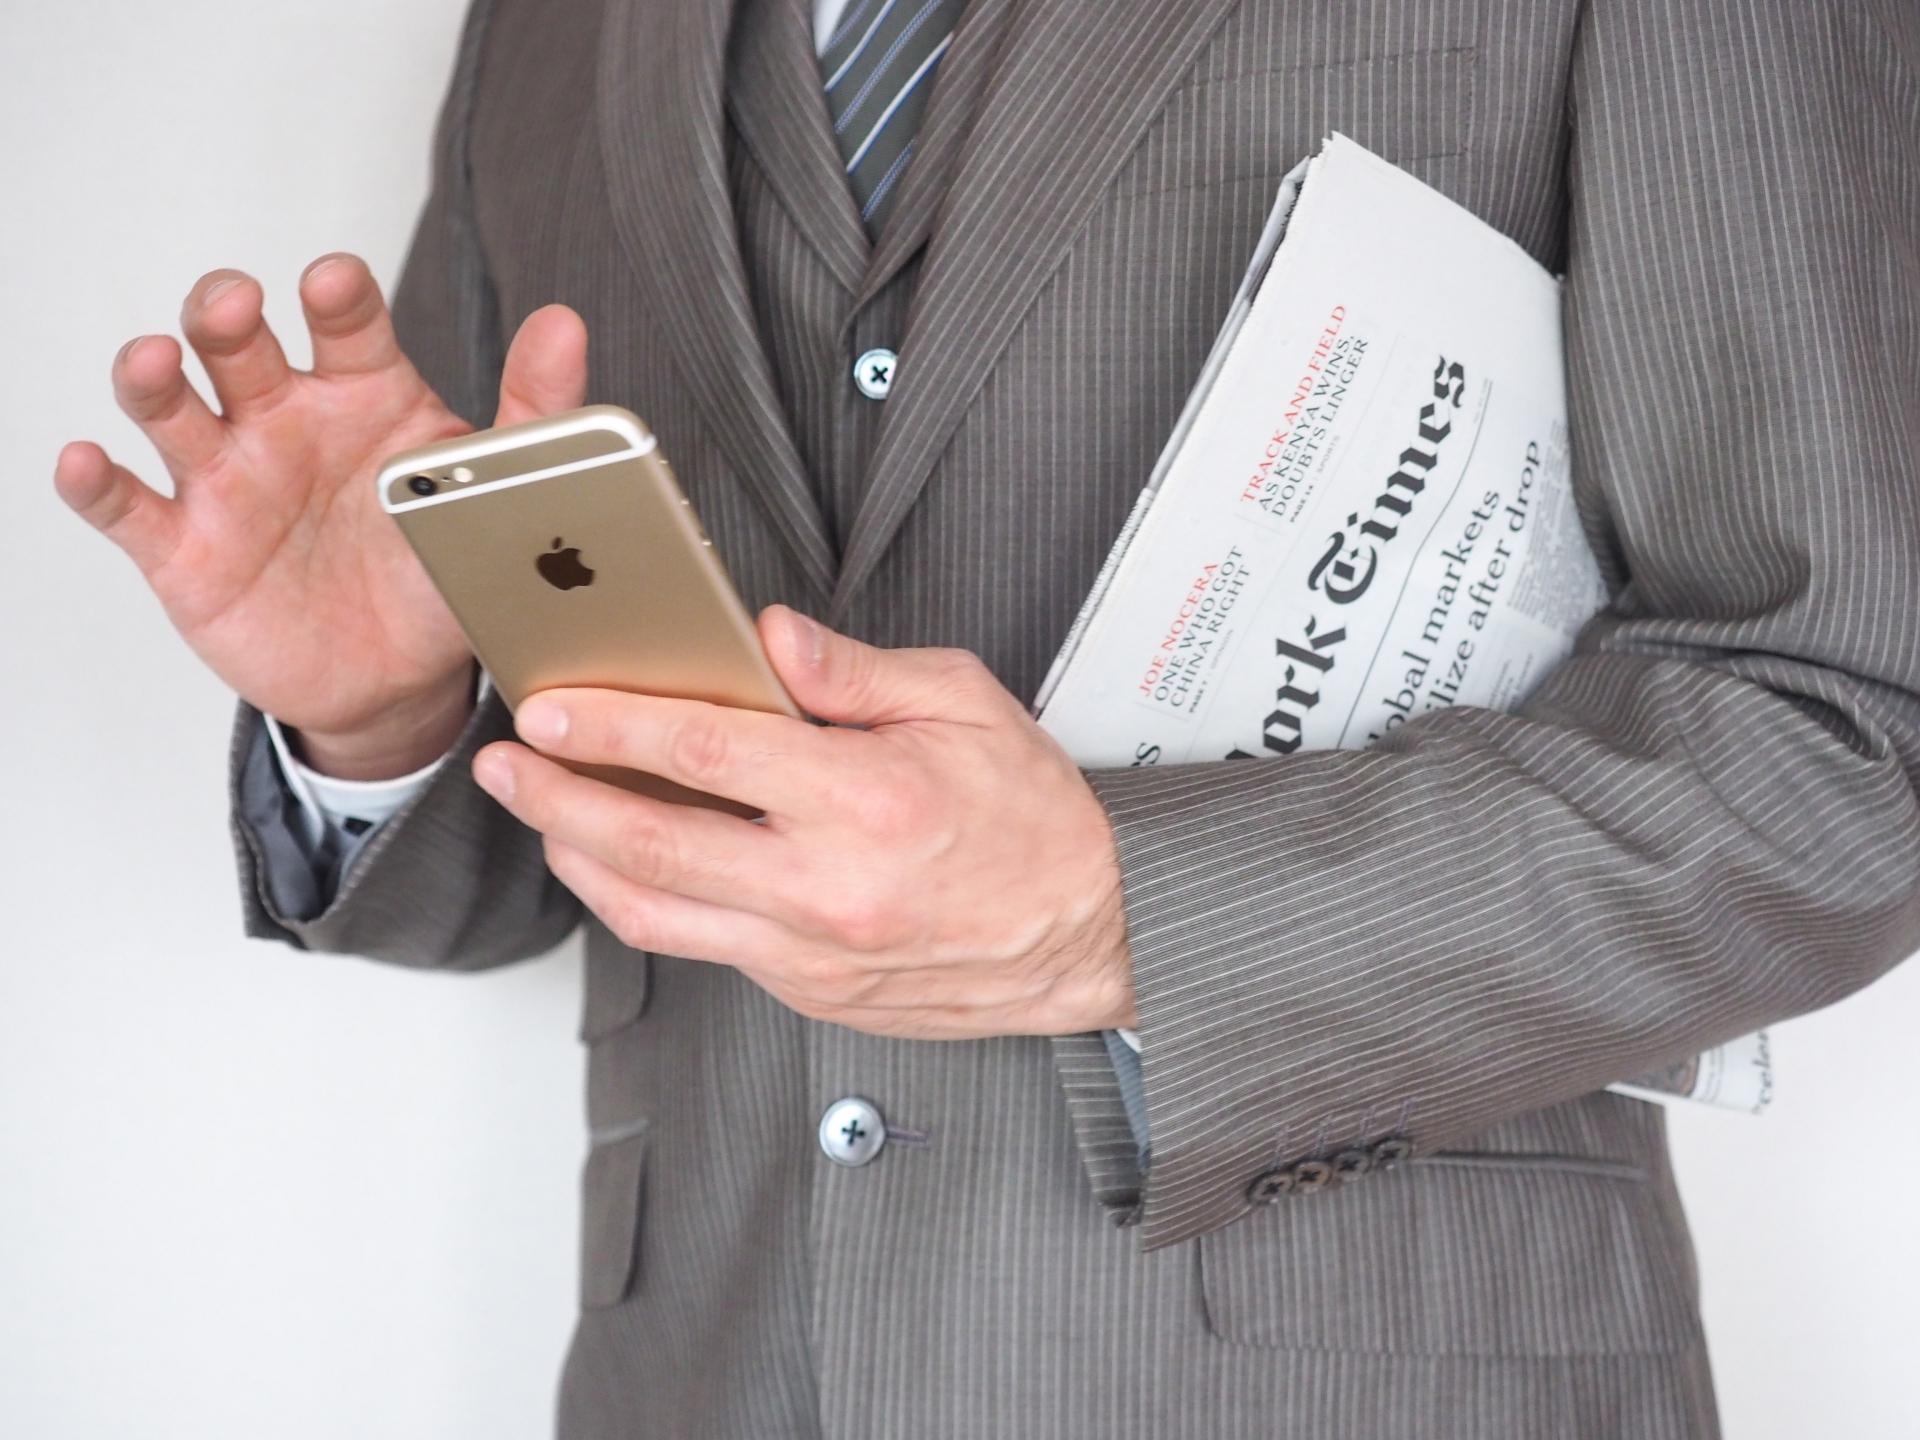 スマートフォンでネット通販を利用するユーザーが大幅に増加 PCでは減少傾向